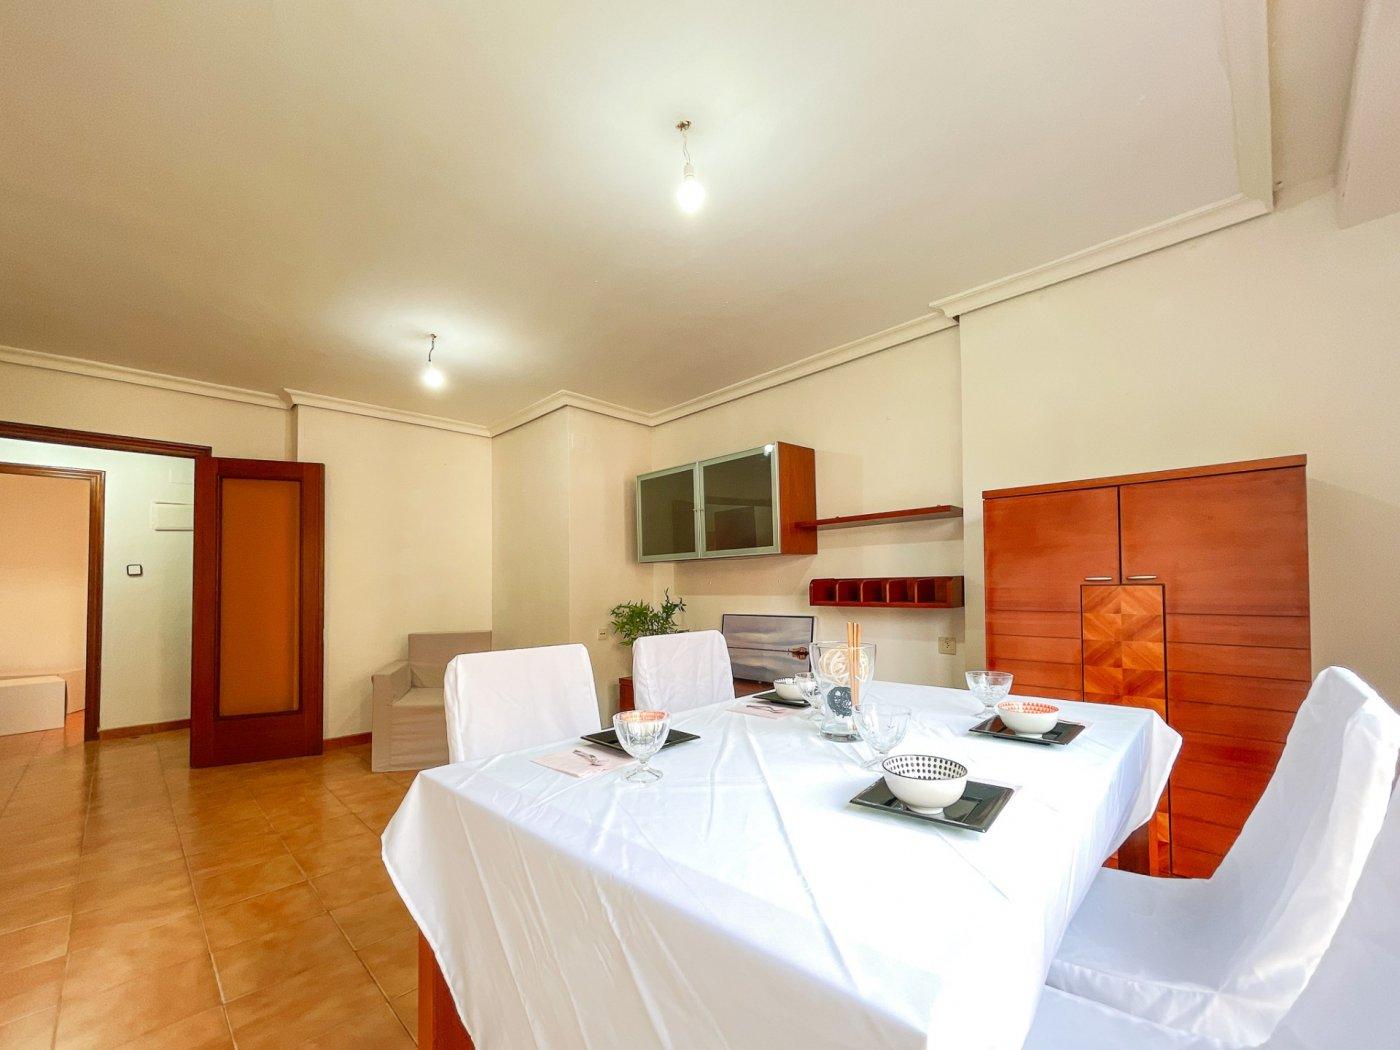 Estupendo piso muy soleado en plena avenida de la hispanidad de alcoy!! - imagenInmueble5